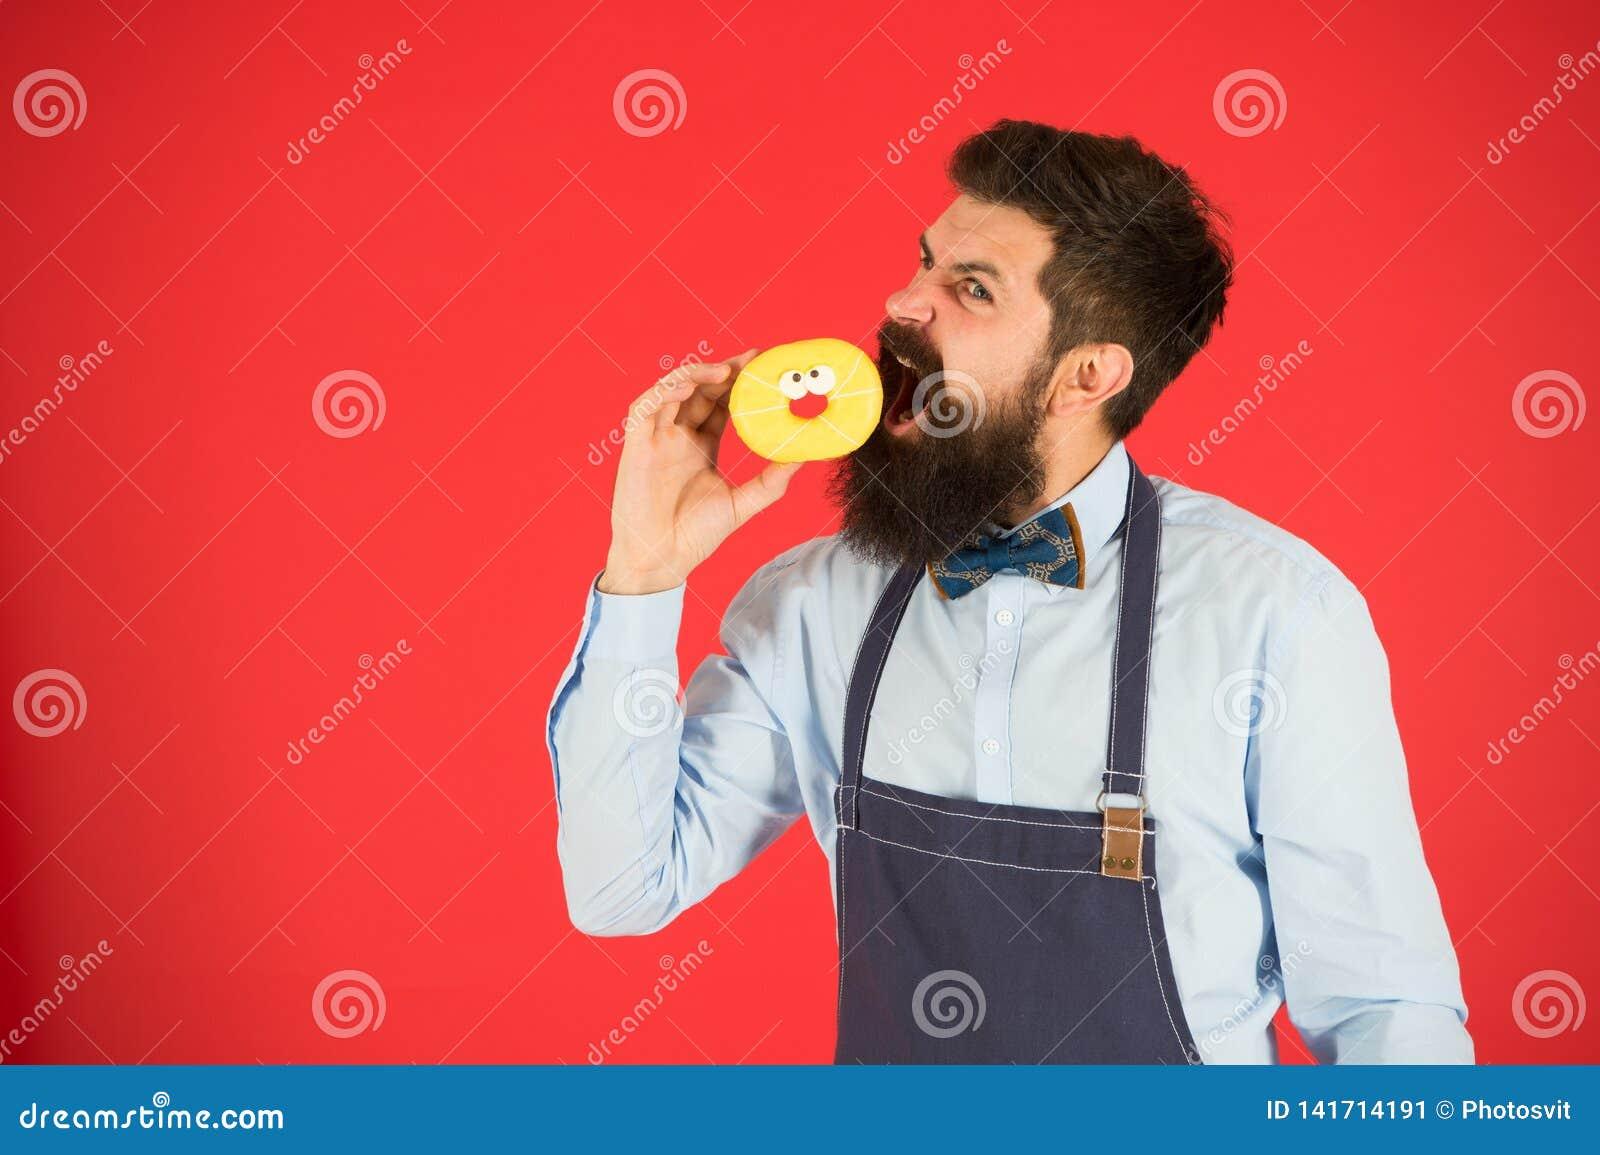 食用快餐 饮食和健康食物 贝克吃多福饼 咖啡馆的厨师人 卡路里 感受饥饿 有胡子的面包师 博若莱红葡萄酒